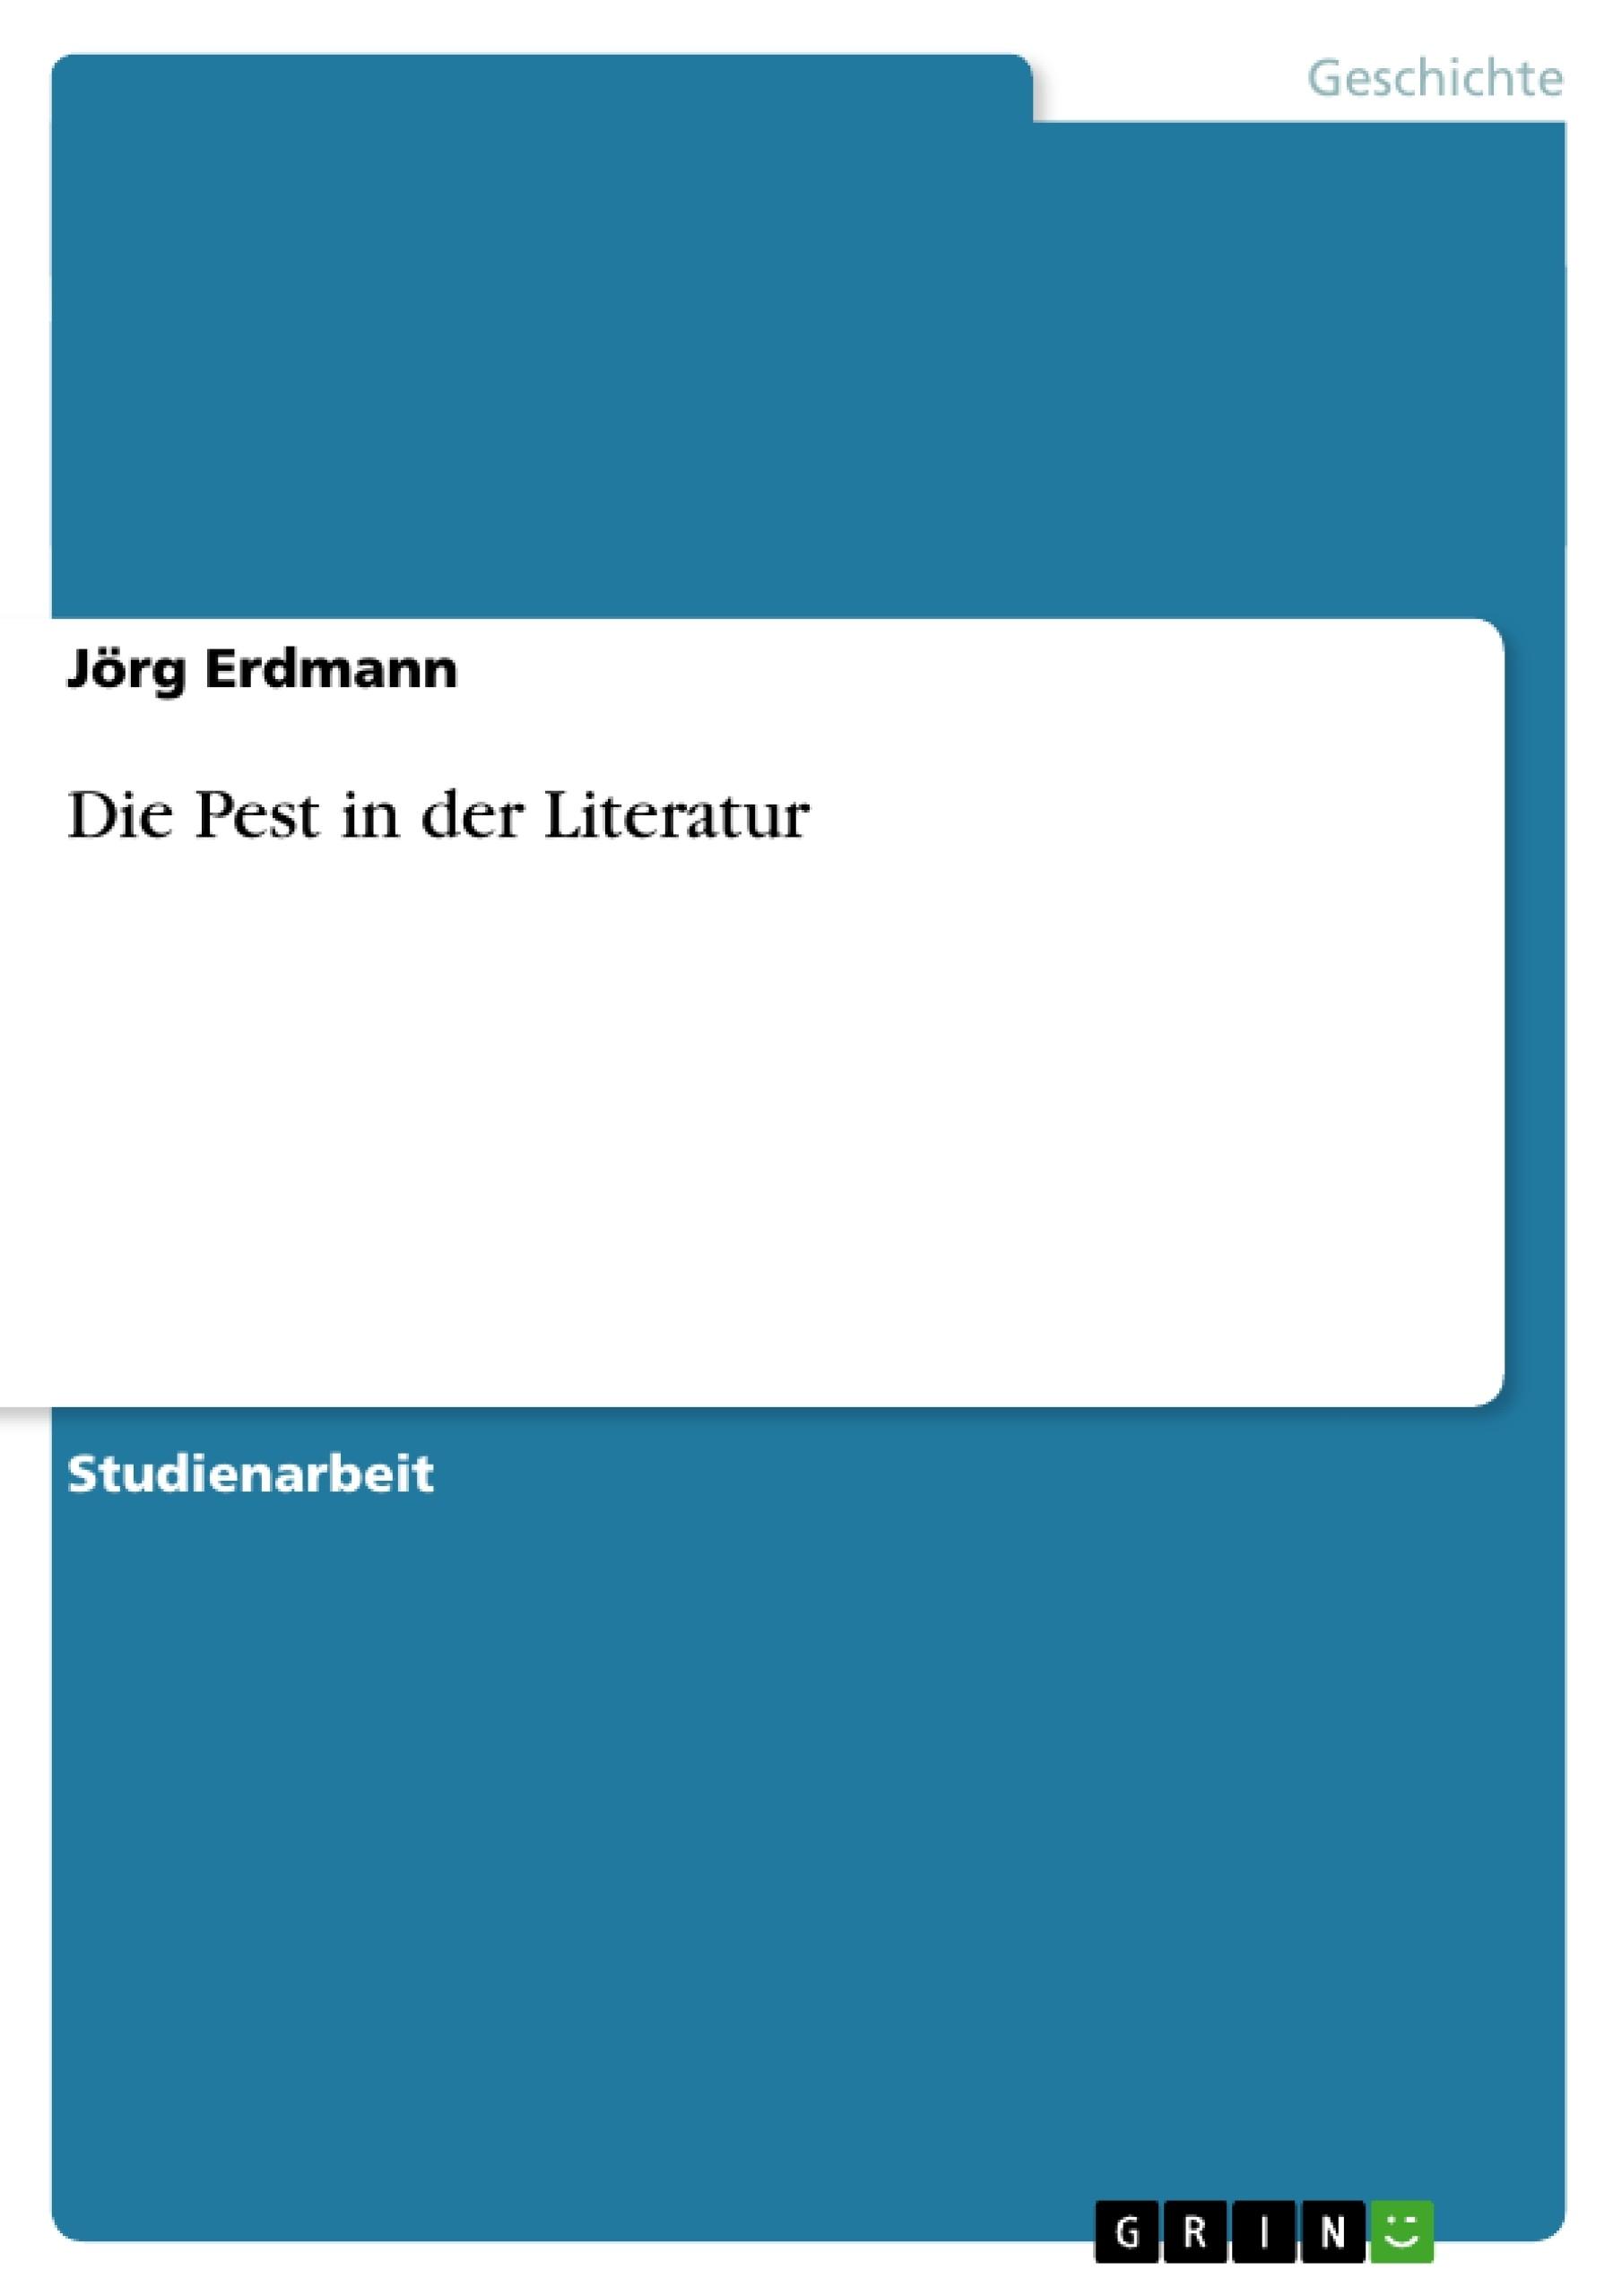 Titel: Die Pest in der Literatur